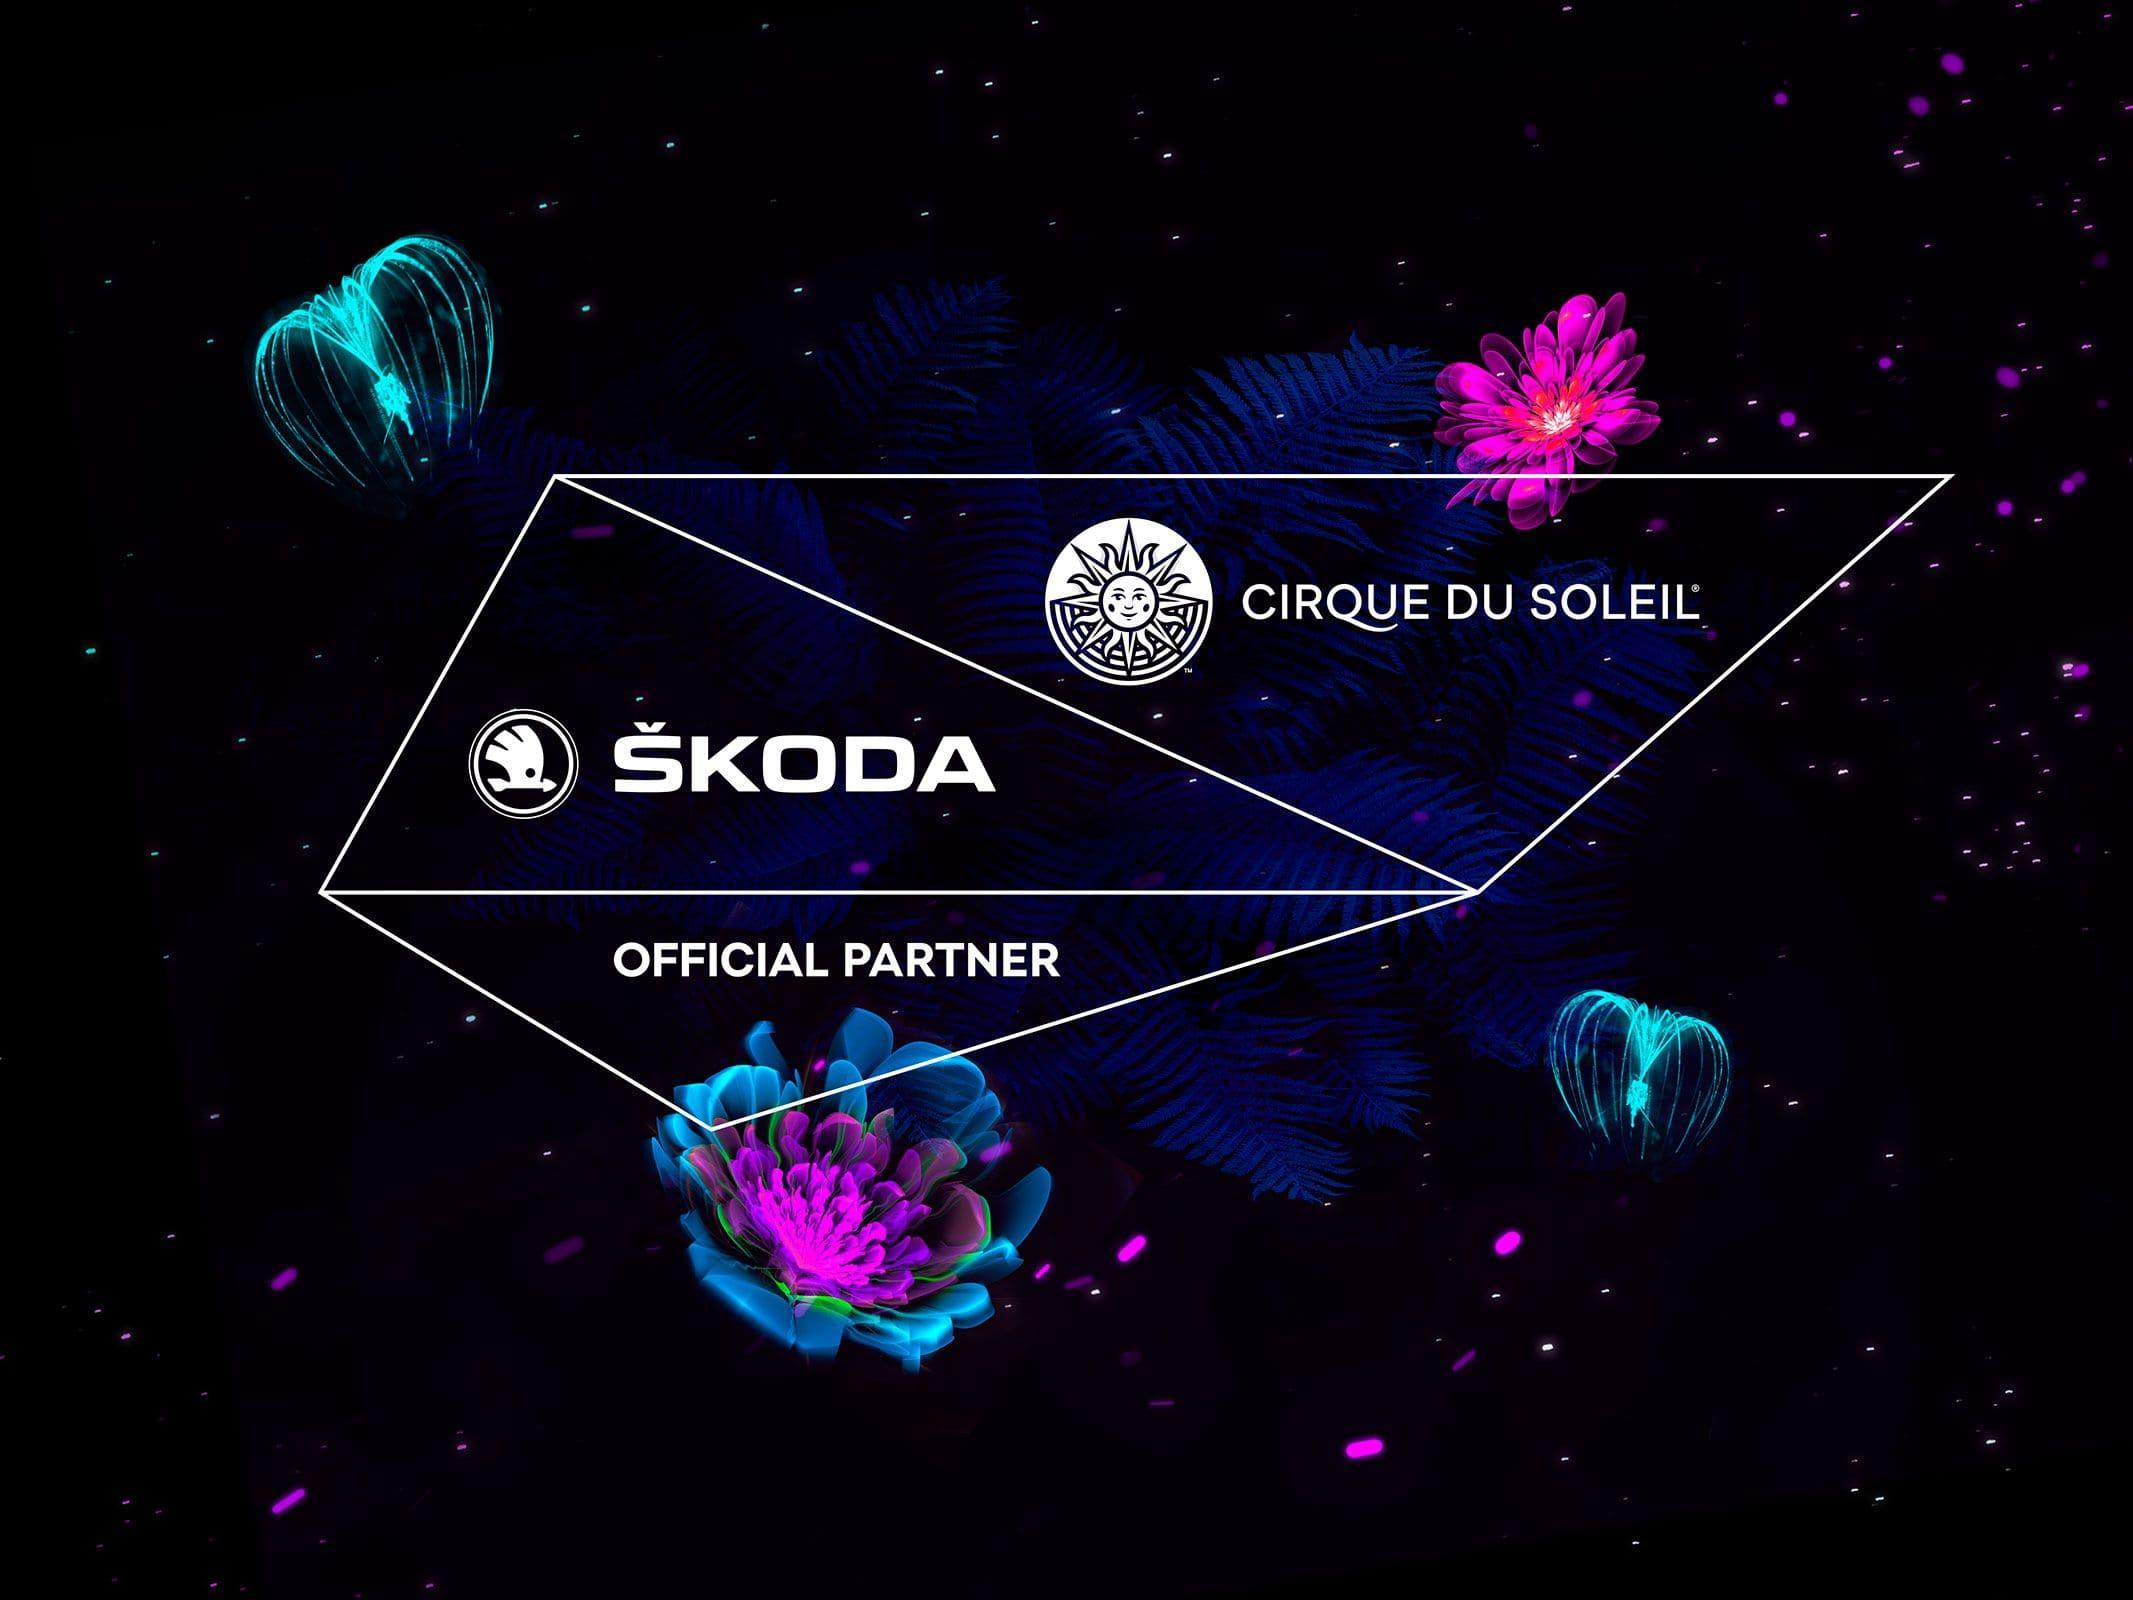 ŠKODA-patrocinador-oficial-Circo-del-Sol